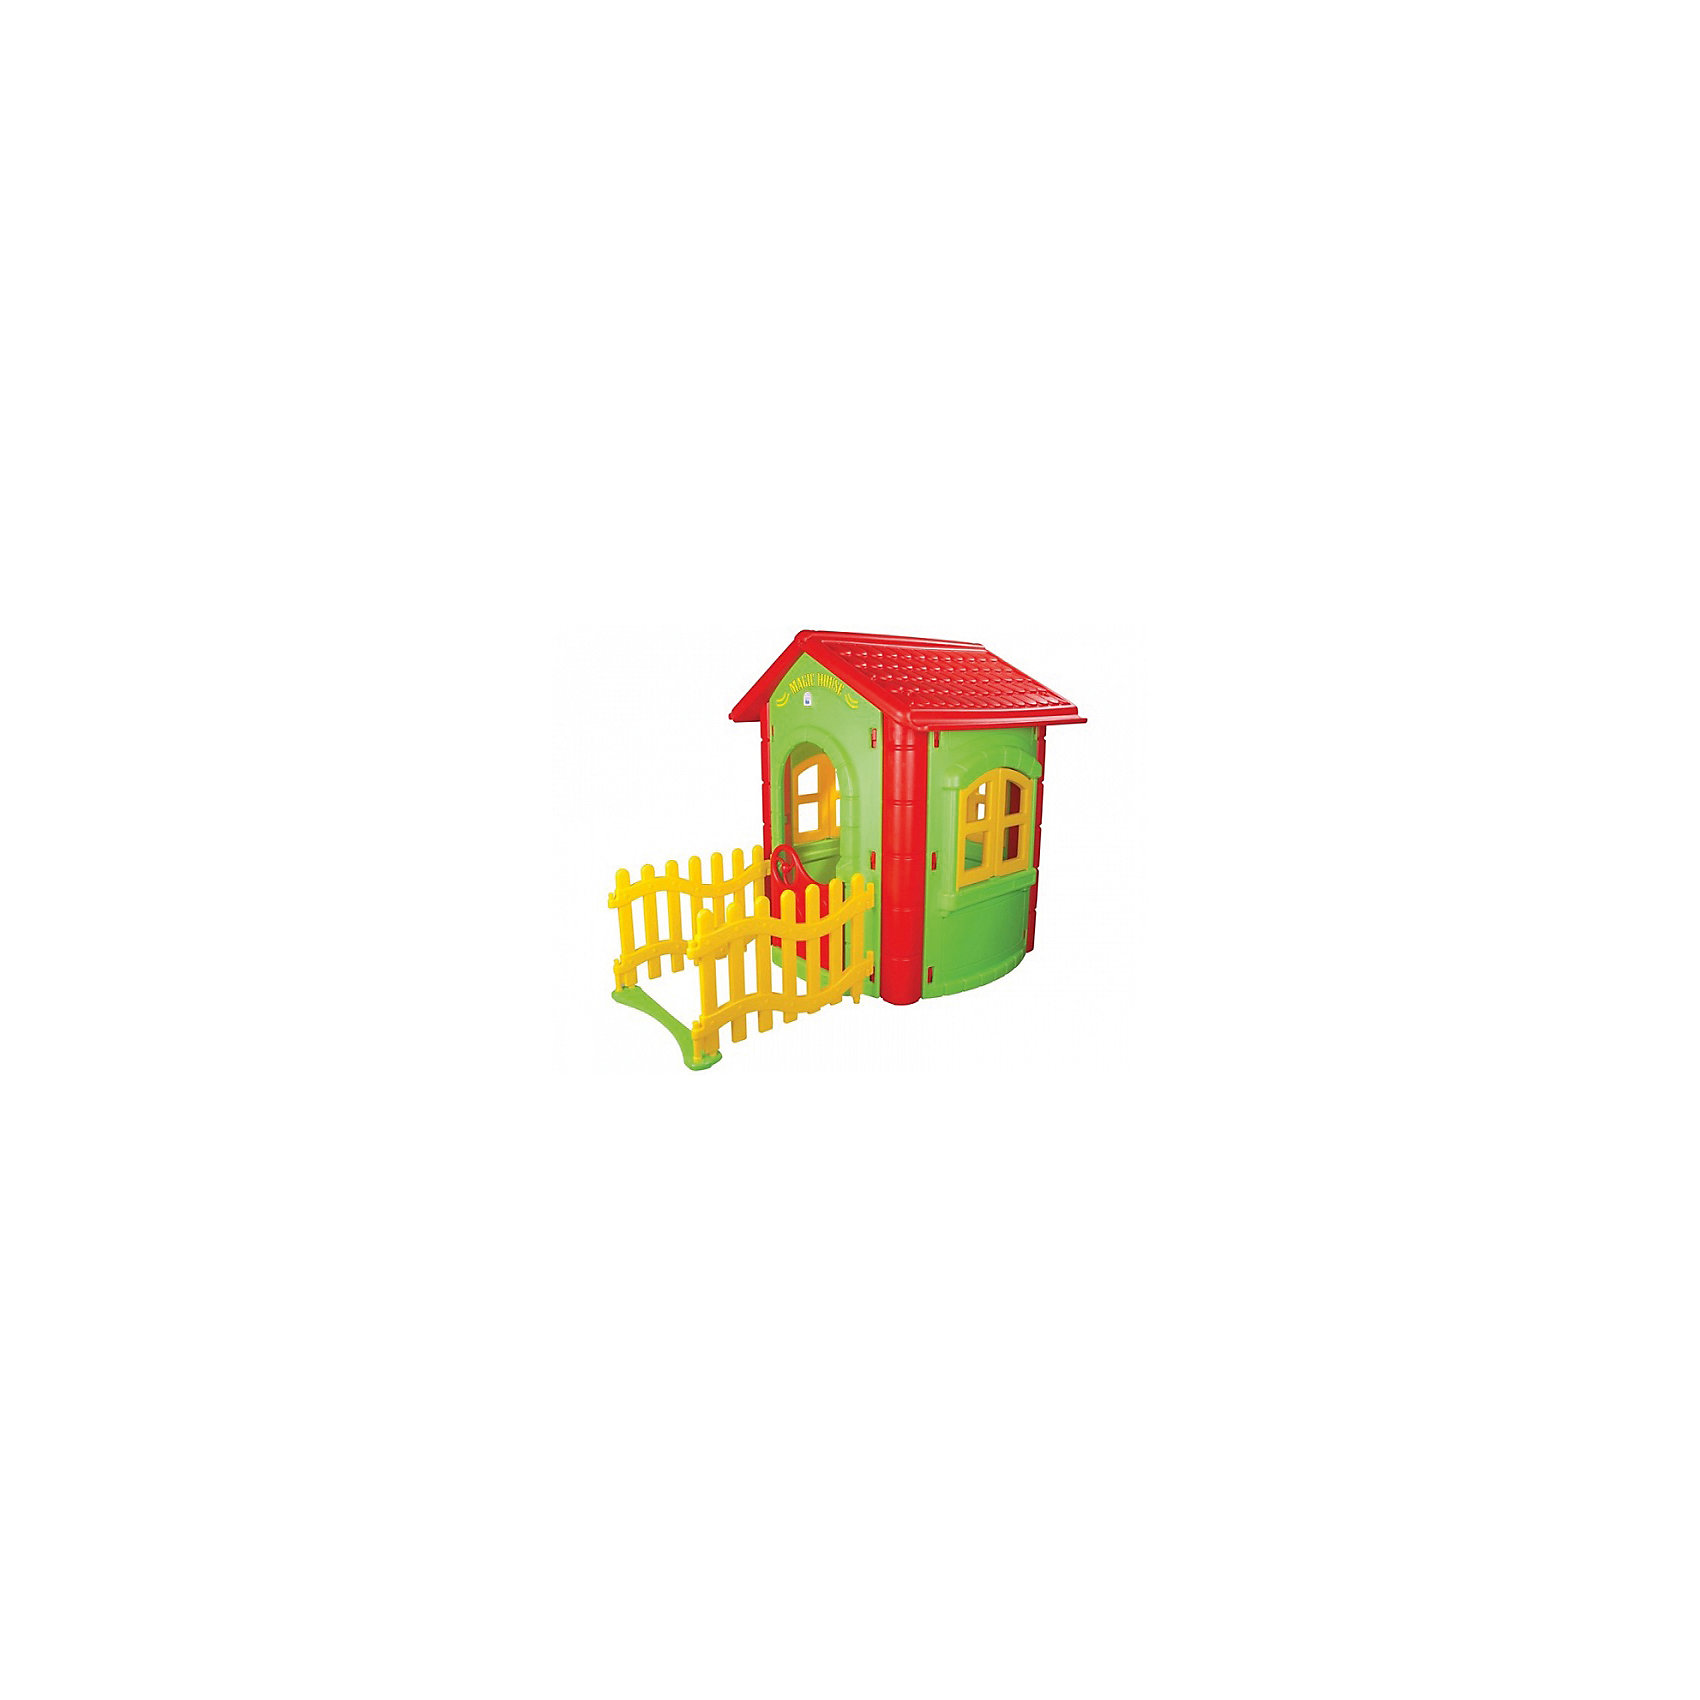 Домик игровой с забором MAGIC, PILSANДомики и мебель<br>Характеристики товара:<br><br>• цвет: зеленый, красный<br>• возраст: с 2 лет<br>• прочная конструкция<br>• привлекательный дизайн<br>• безопасные материалы<br>• вместительное внутреннее пространство<br>• легко собирается<br>• материал: пластик<br>• размер: 112х172х131 см<br>• размер упаковки: 70х130х45 см<br>• вес: 22,5 кг<br><br>Яркий игровой домик - отличный подарок для ребенка. Малыш сможет устраивать веселые игры и чаепития со своими друзьями. <br><br>Домик дополнен красивым заборчиком и декоративными элементами. Конструкция изготовлена из прочного пластика, безопасного для детского здоровья. Она устойчива к воздействию осадков и атмосферных явлений. <br><br>Домик легко собирается. Вы сможете установить его в детской комнате или на улице.<br><br>Домик игровой с забором MAGIC, PILSAN (Пилсан) вы можете купить в нашем интернет-магазине.<br><br>Ширина мм: 450<br>Глубина мм: 1300<br>Высота мм: 700<br>Вес г: 22500<br>Возраст от месяцев: 24<br>Возраст до месяцев: 120<br>Пол: Унисекс<br>Возраст: Детский<br>SKU: 5512016